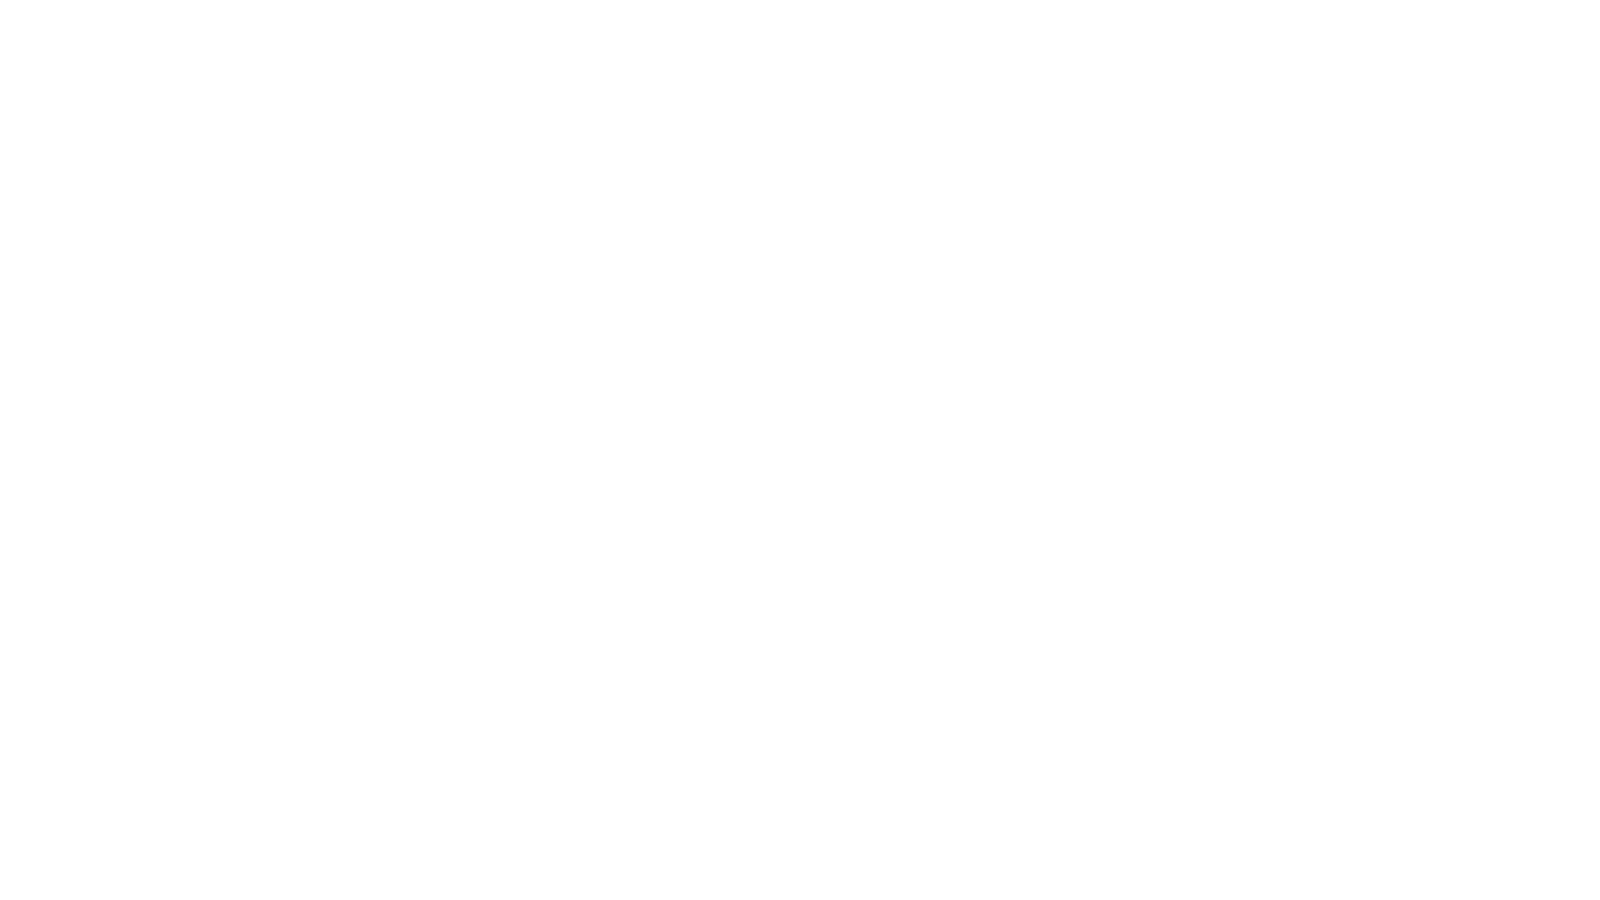 Pål Foss er en fast gjest i Bent Johans hjørne. De samtaler blant annet om ulike temaer innen politisk økonomi og idehistorie. I denne episoden prater de om rent-seeking, om hva det er og hvorfor det er viktig.  Bent Johans hjørne spilles inn i biblioteket til Liberalerens redaktør, Bent Johan Mosfjell. Ulike gjester samtaler om emner som forhåpentligvis er av interesse for liberale mennesker. Husk å abonnere!  Episoden ble spilt inn 24. september.